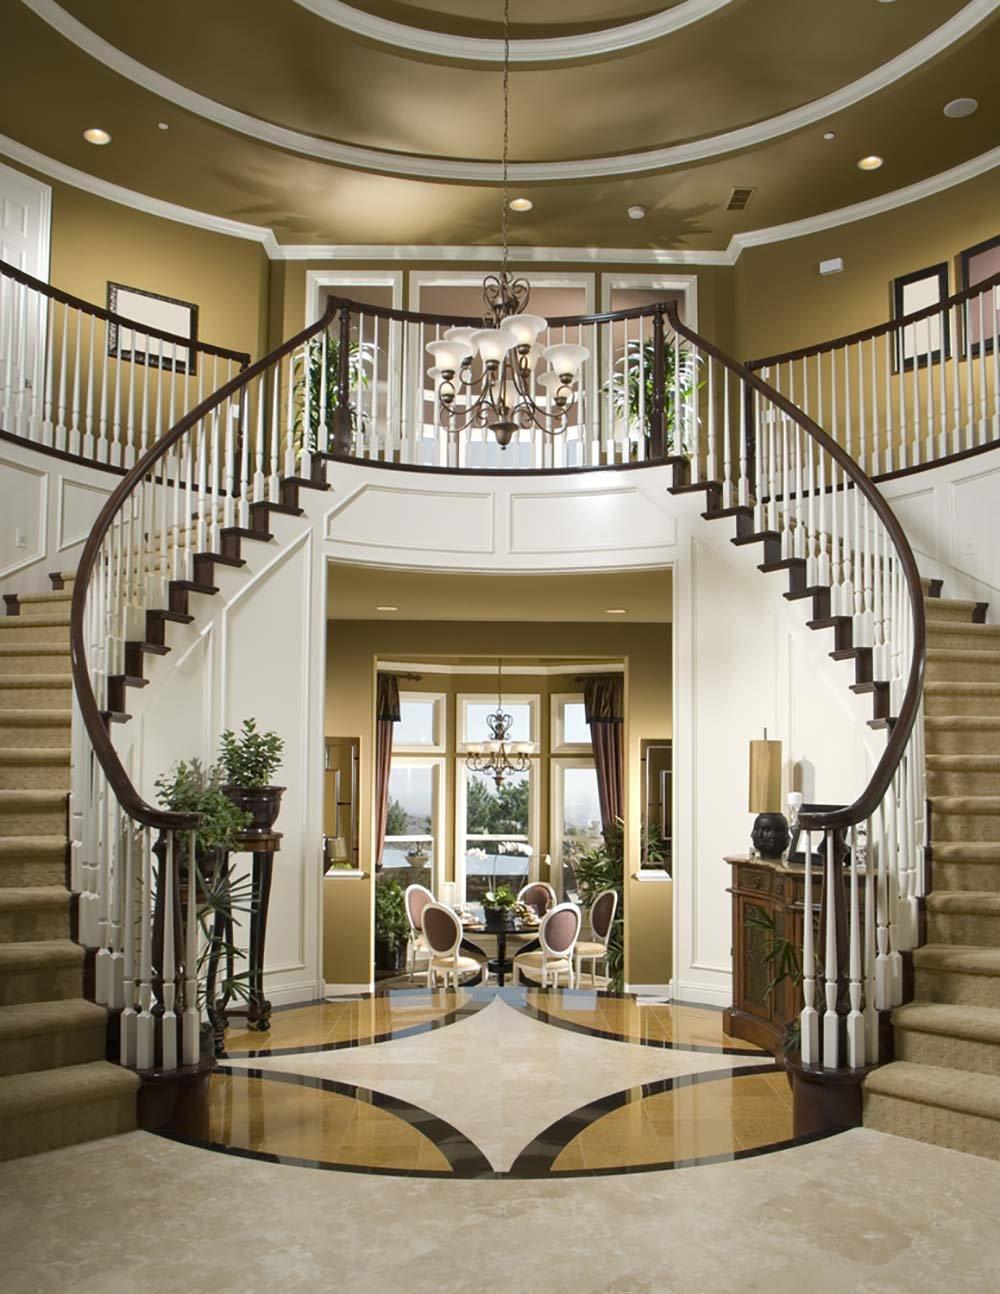 簡歐別墅風格閣樓復式樓梯設計裝修效果圖片